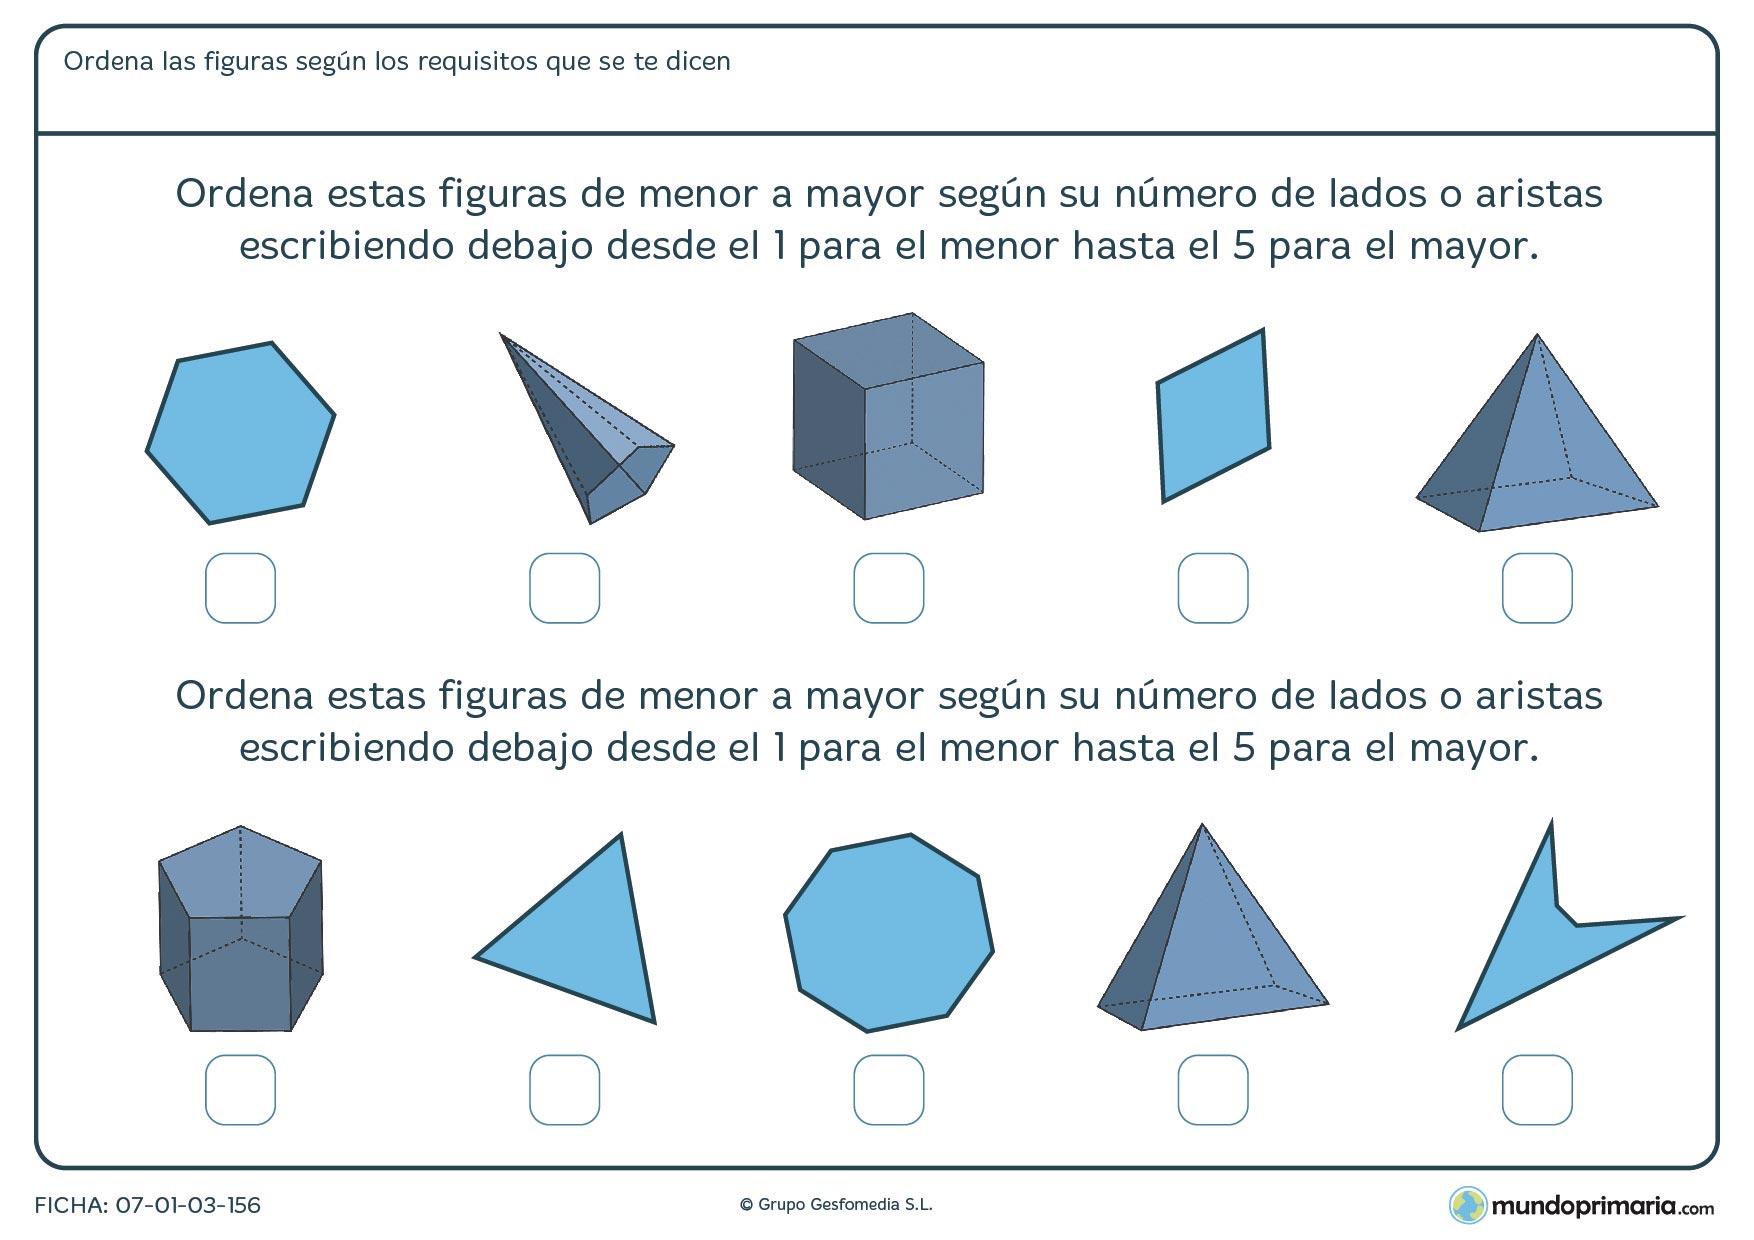 Ficha de aristas y lados en la que deberás ordenarlas de menor a mayor por su número de lados y aristas.